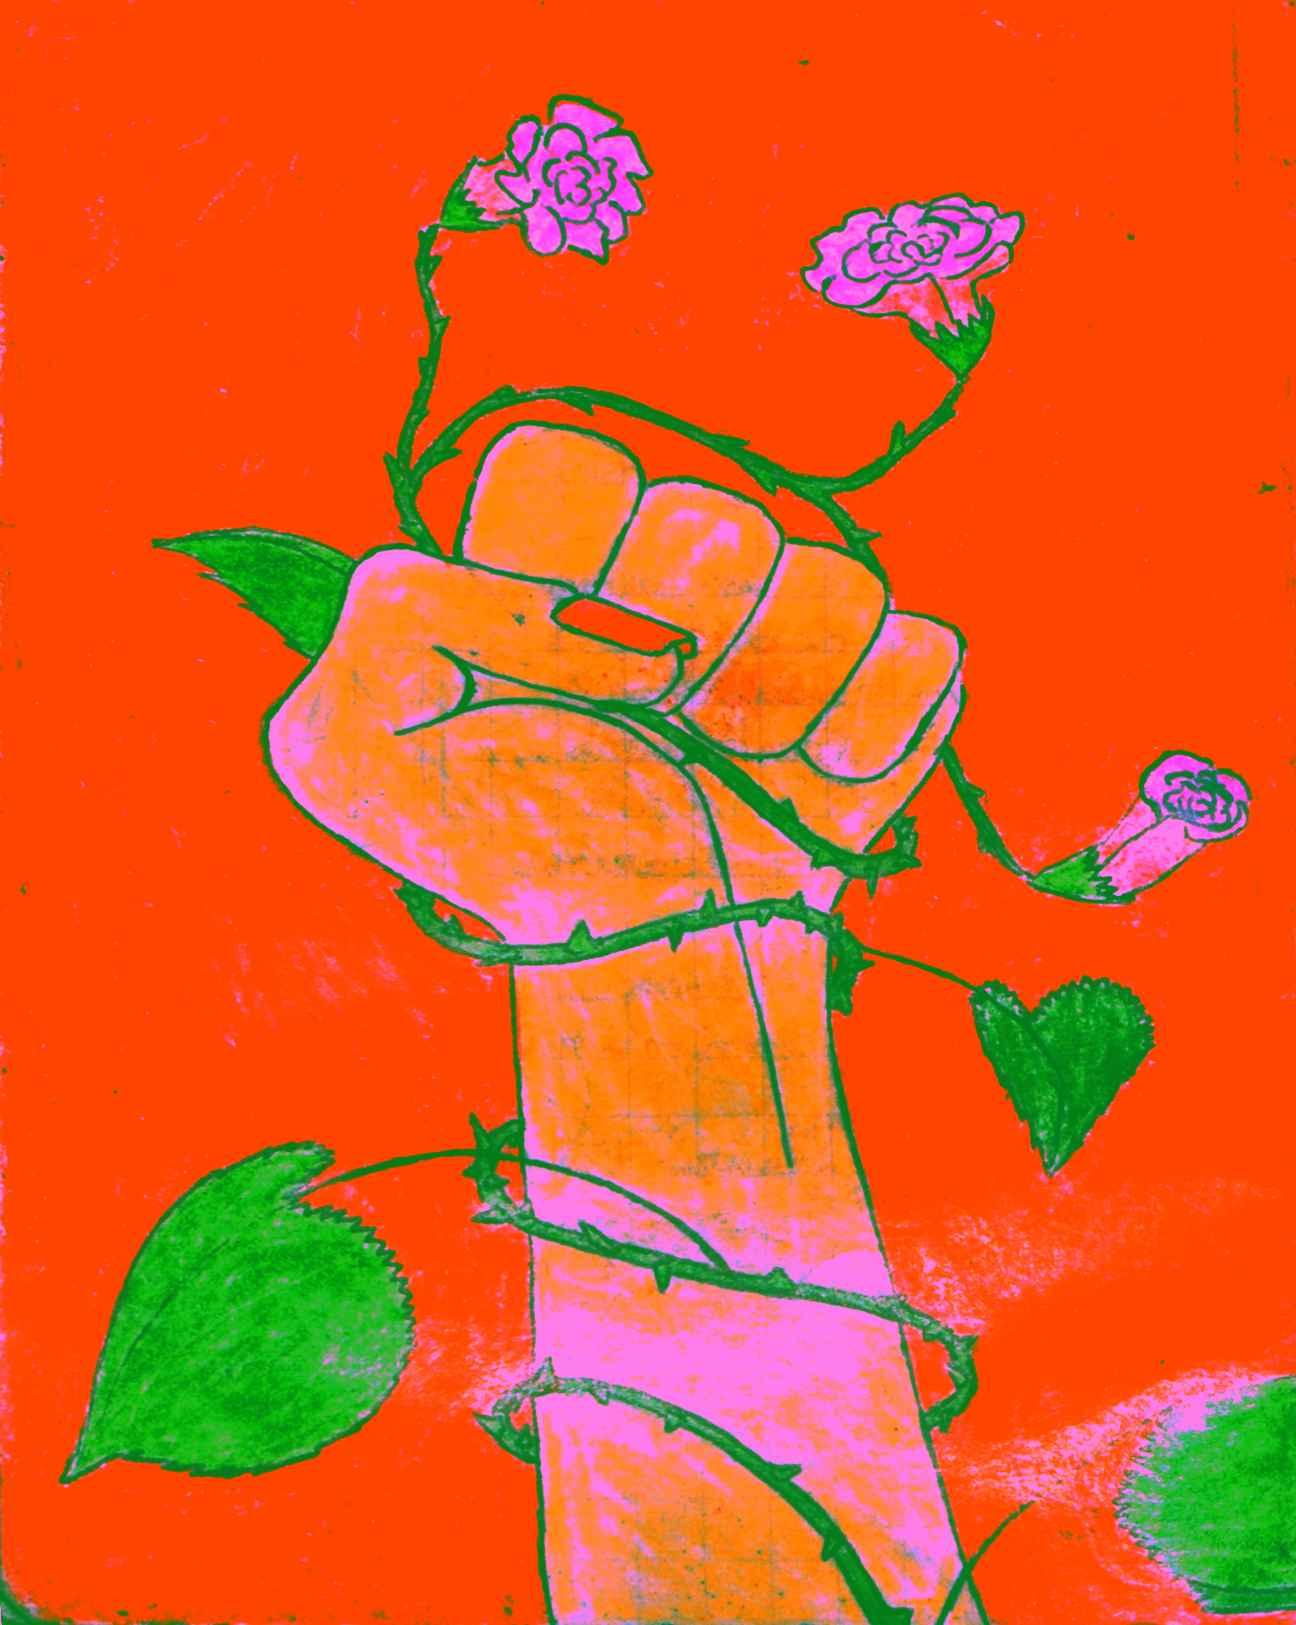 """Bientôt, fleurit le charme d'un monde intitulé """"la révolution"""""""